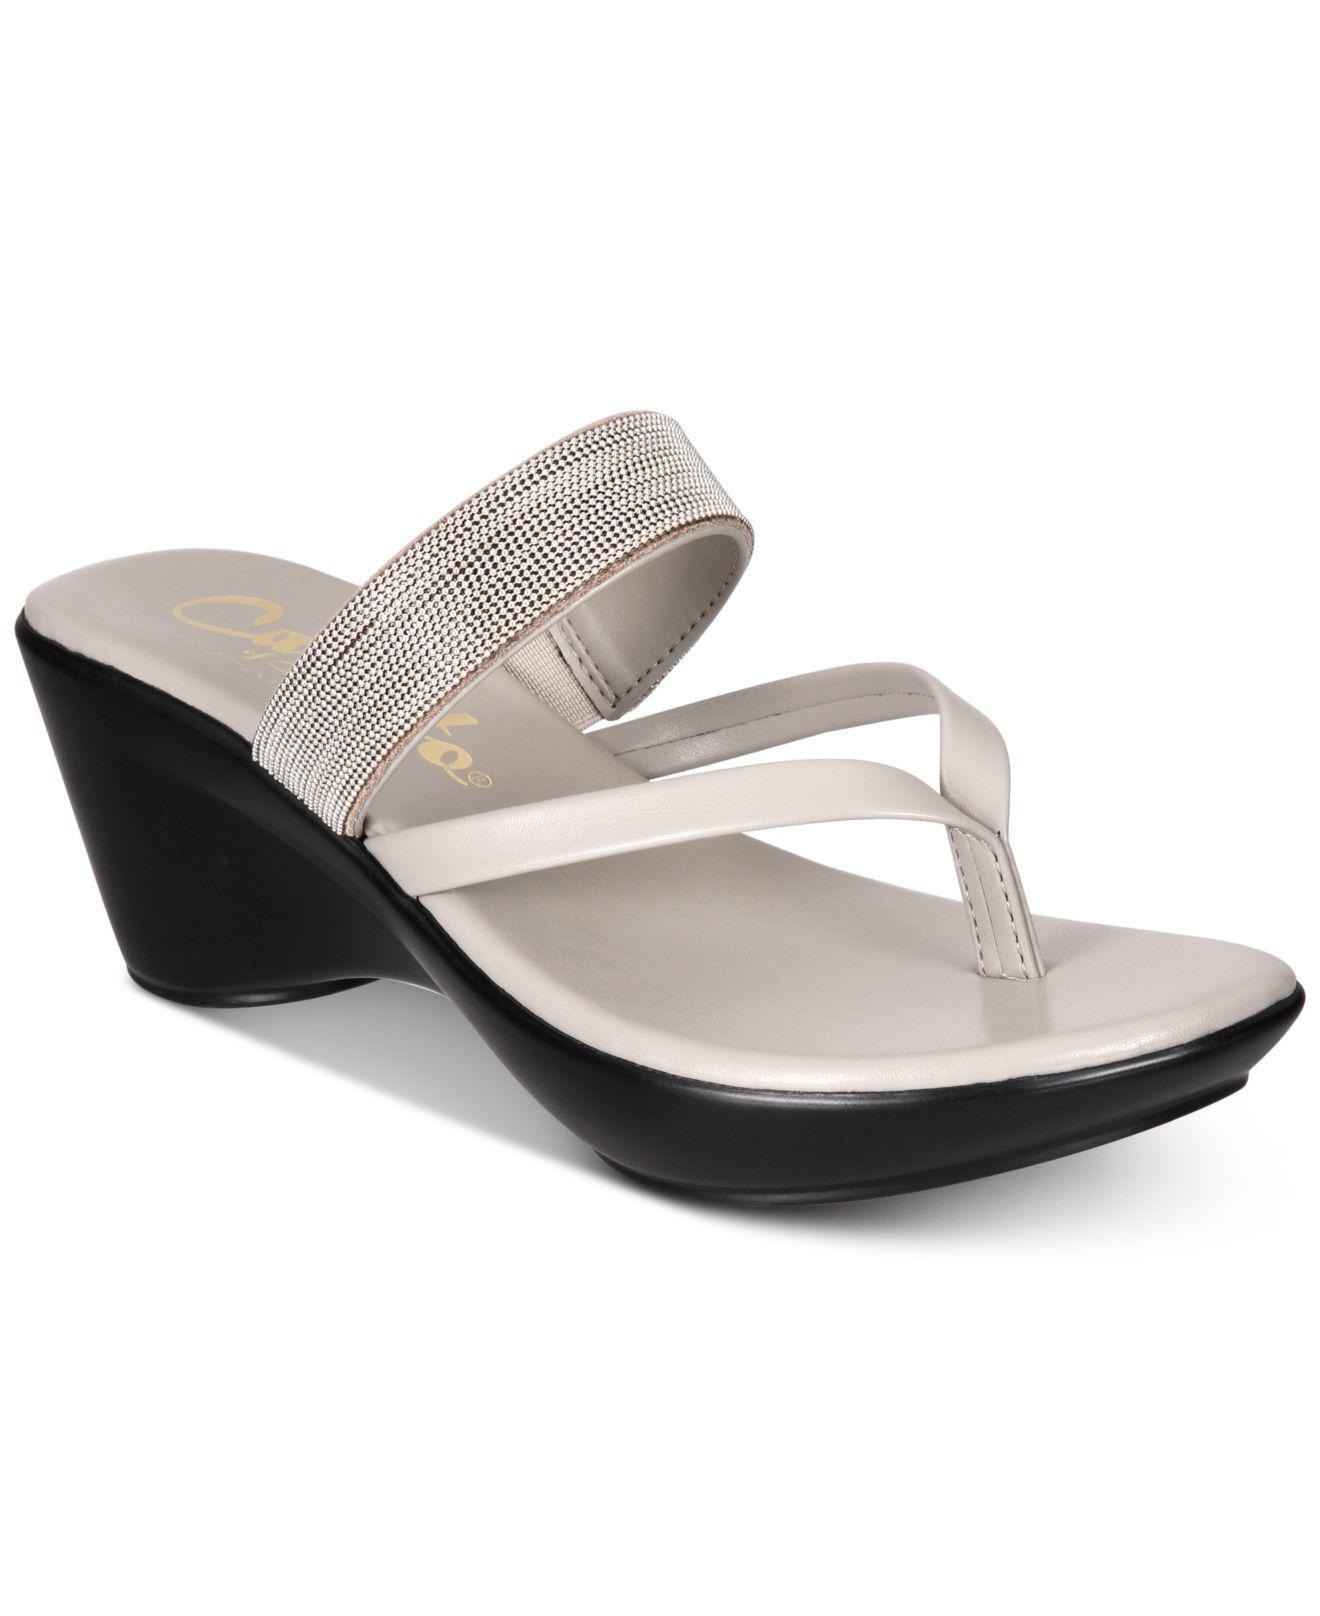 e067a30e09d6 Callisto - Gray Elora Thong Platform Wedge Sandals - Lyst. View fullscreen